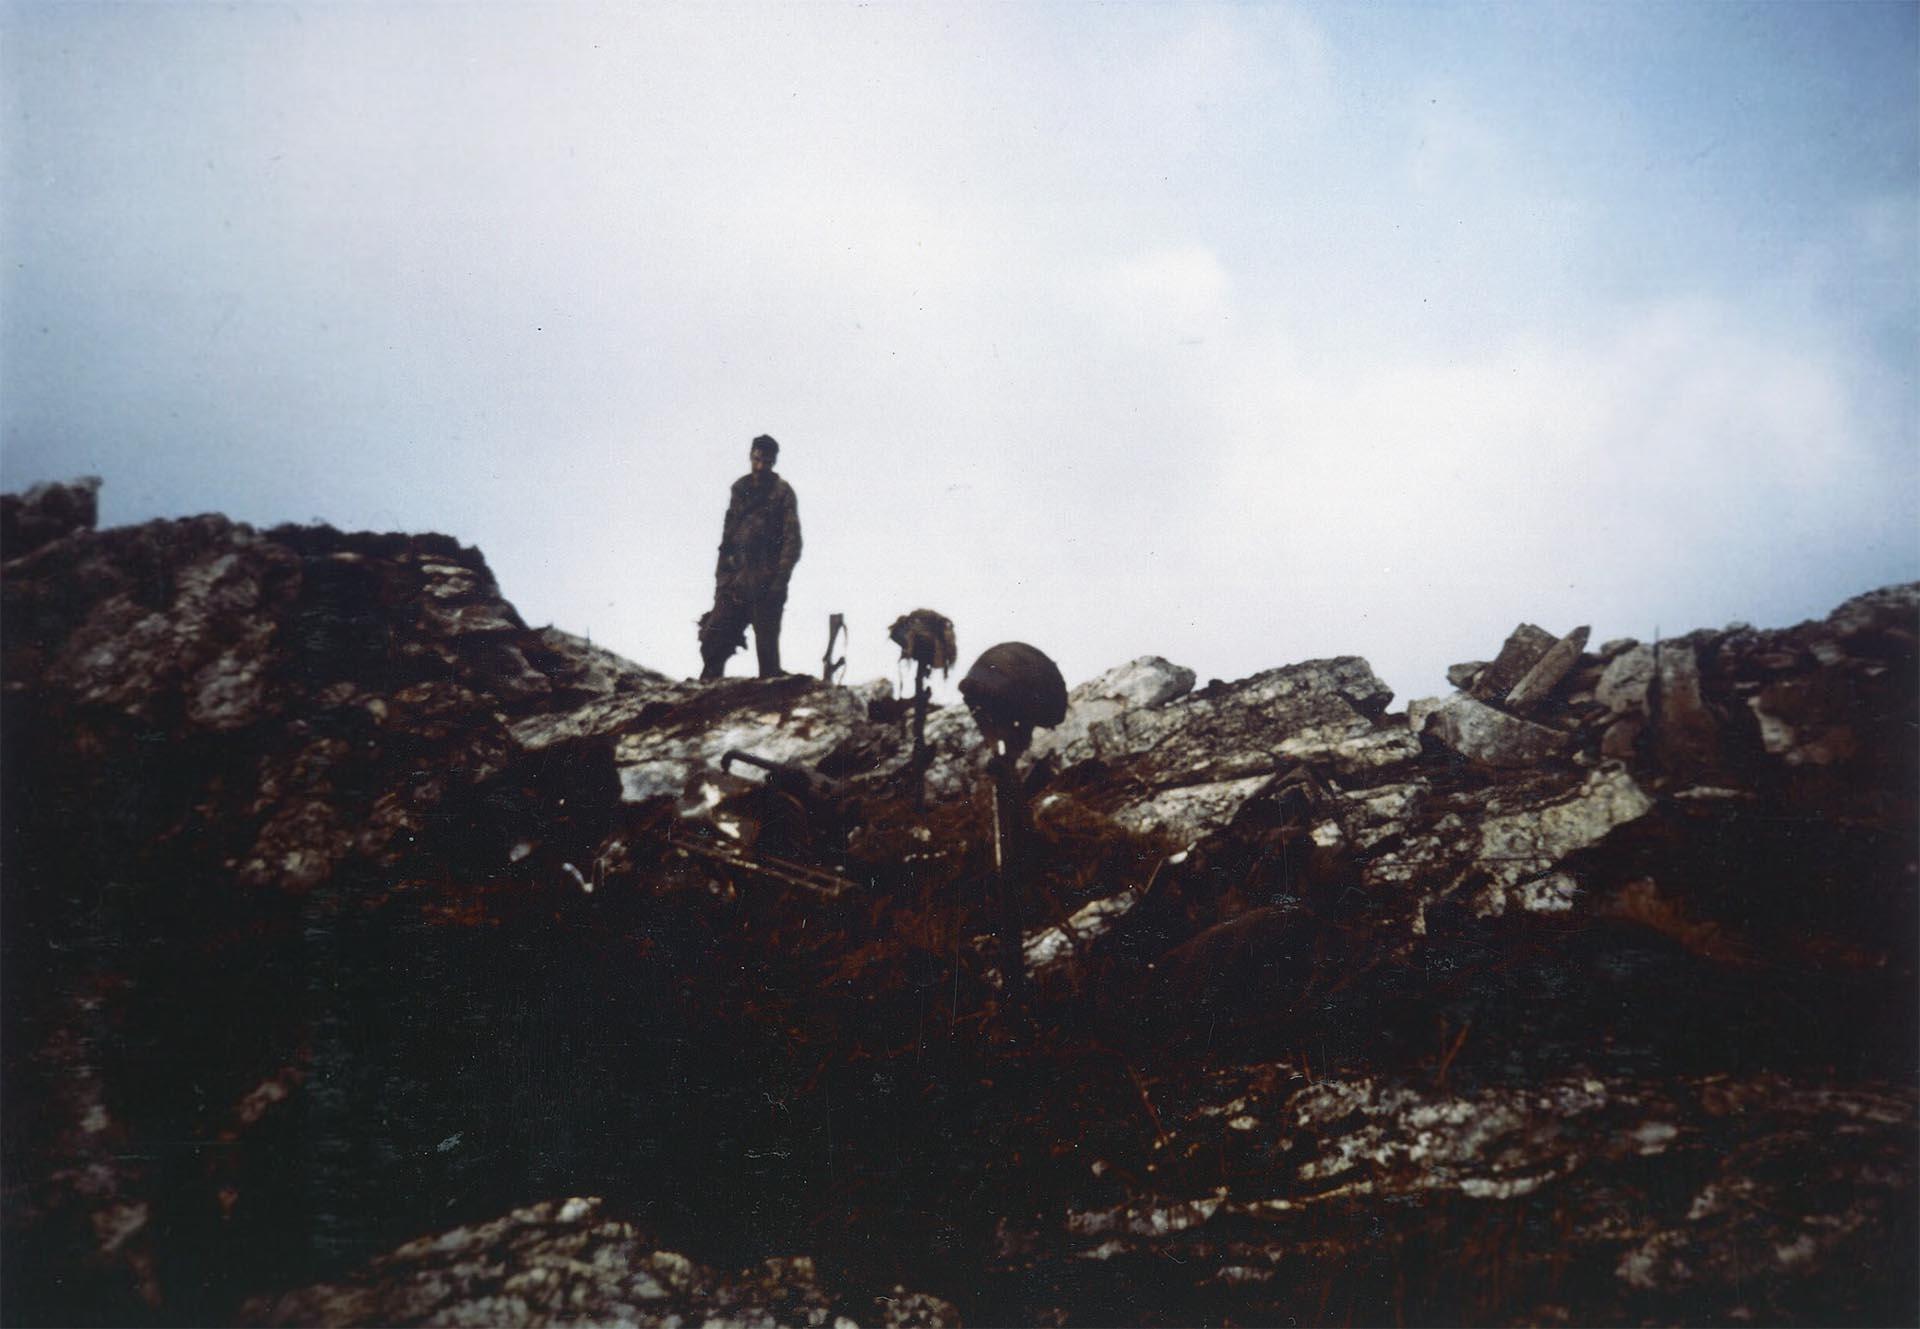 Cascos de soldados caídos sobre sus armas luego de la batalla de Monte Longdon el 12 de junio de 1982, considerada una de las más importantes de todo el conflicto bélico, y que terminó con victoria británica (Imperial War Museums)